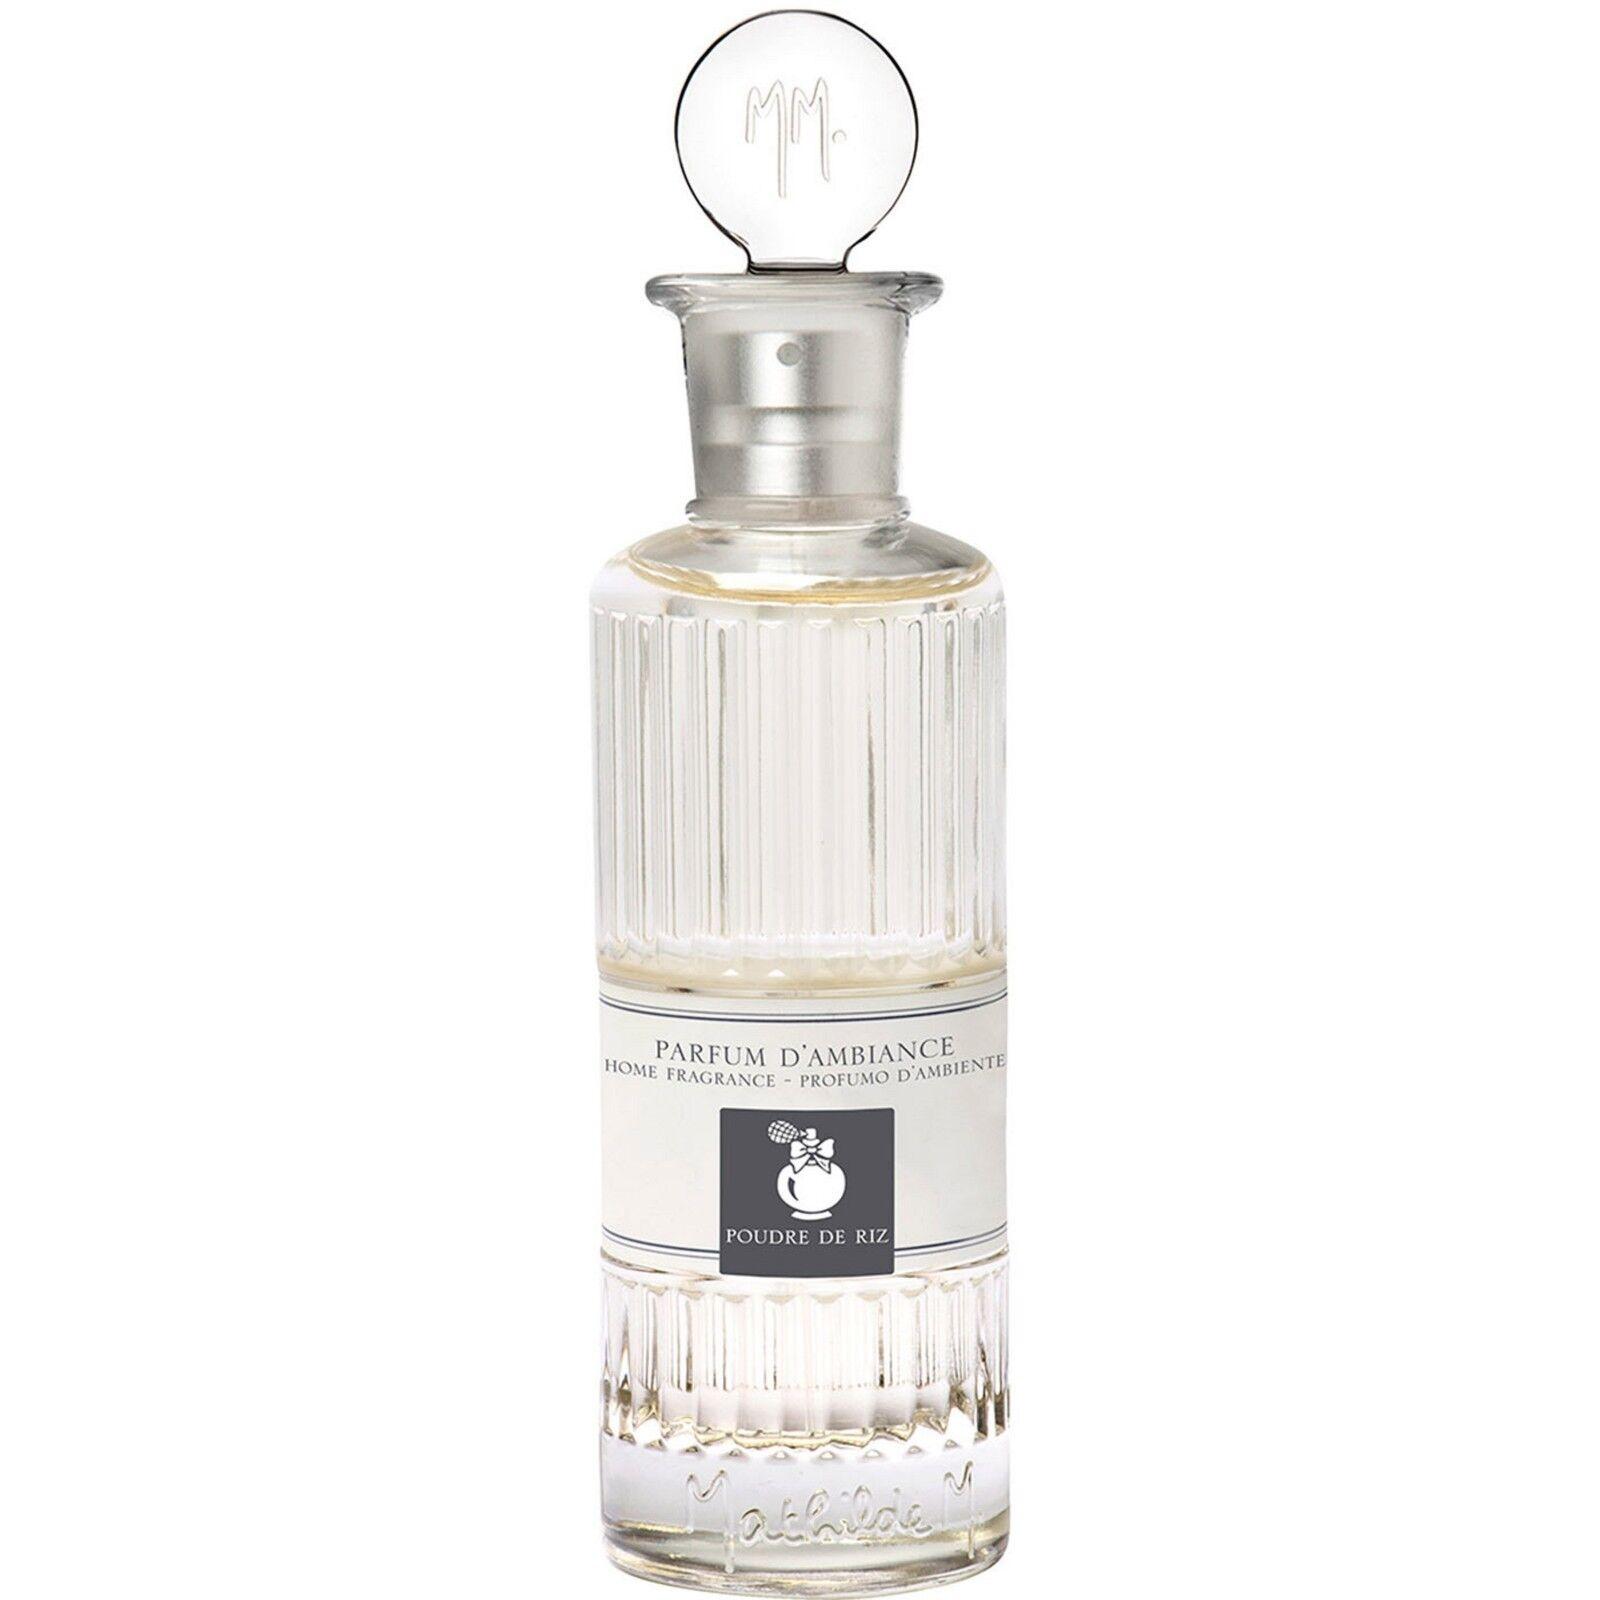 Extrait Poudre Ml De D'ambiance 100 Parfum Riz Ybf6y7g